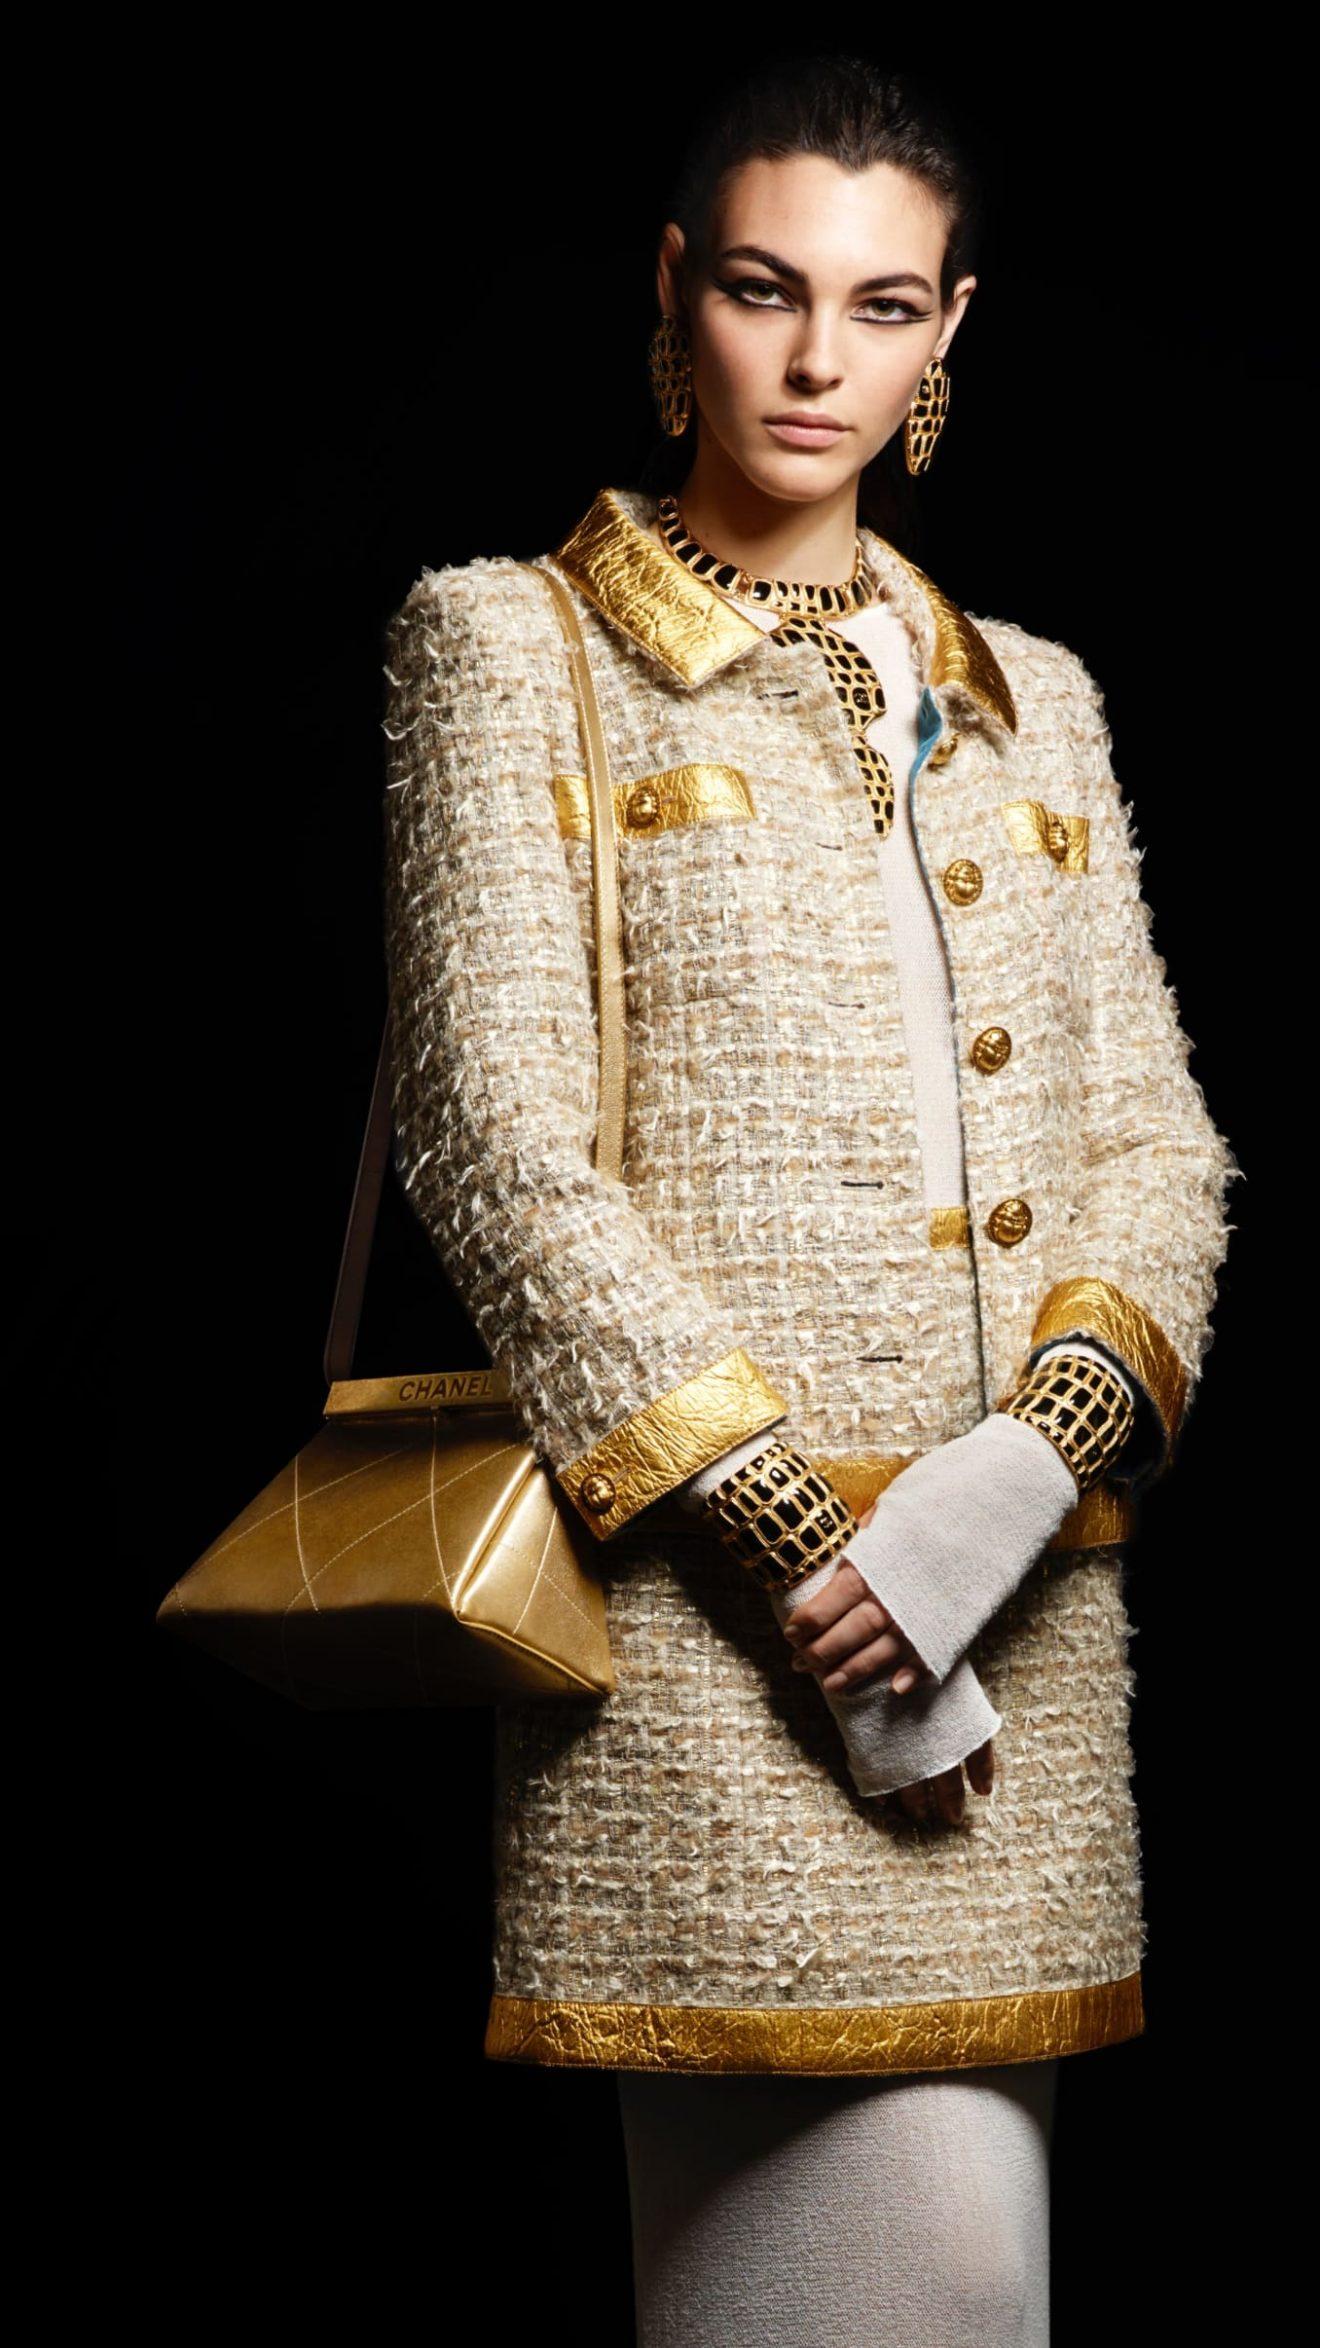 b3dd3ecdfa Pour la collection Paris – New York, Karl Lagerfeld a trouvé des parallèles  entre les antiquités précieuses et la passion de Gabrielle Chanel pour les  ...